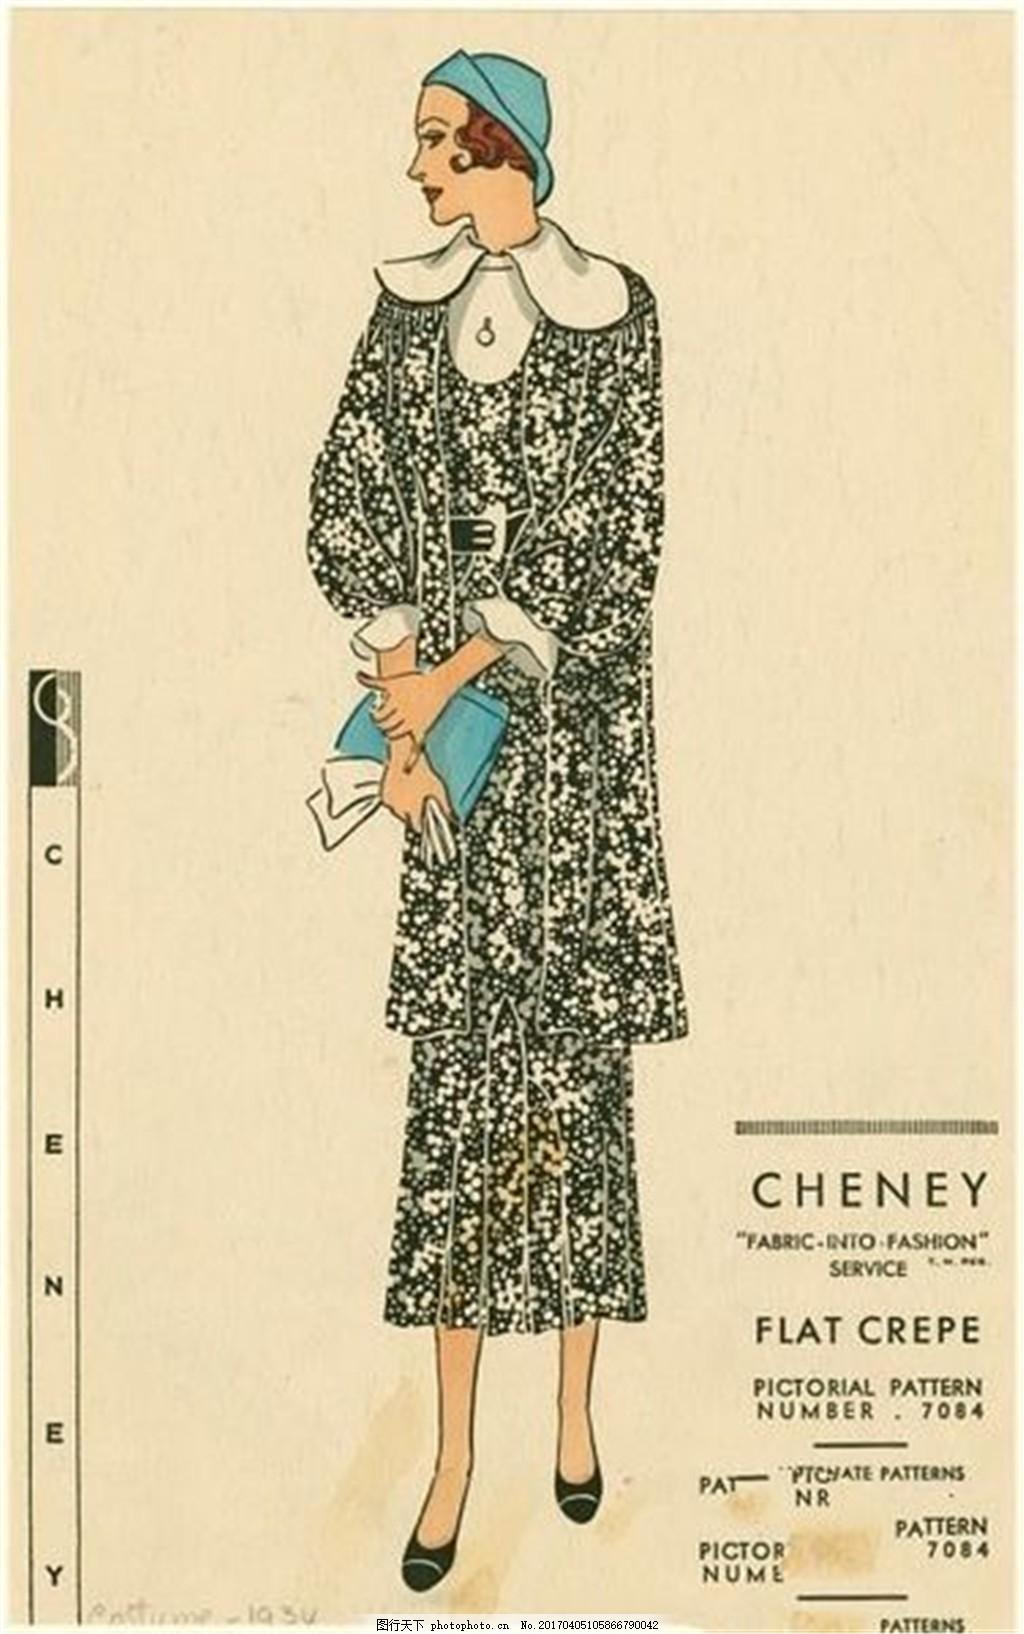 欧式碎花长裙设计图 时尚女装 职业女装 女装设计效果图 服装图片免